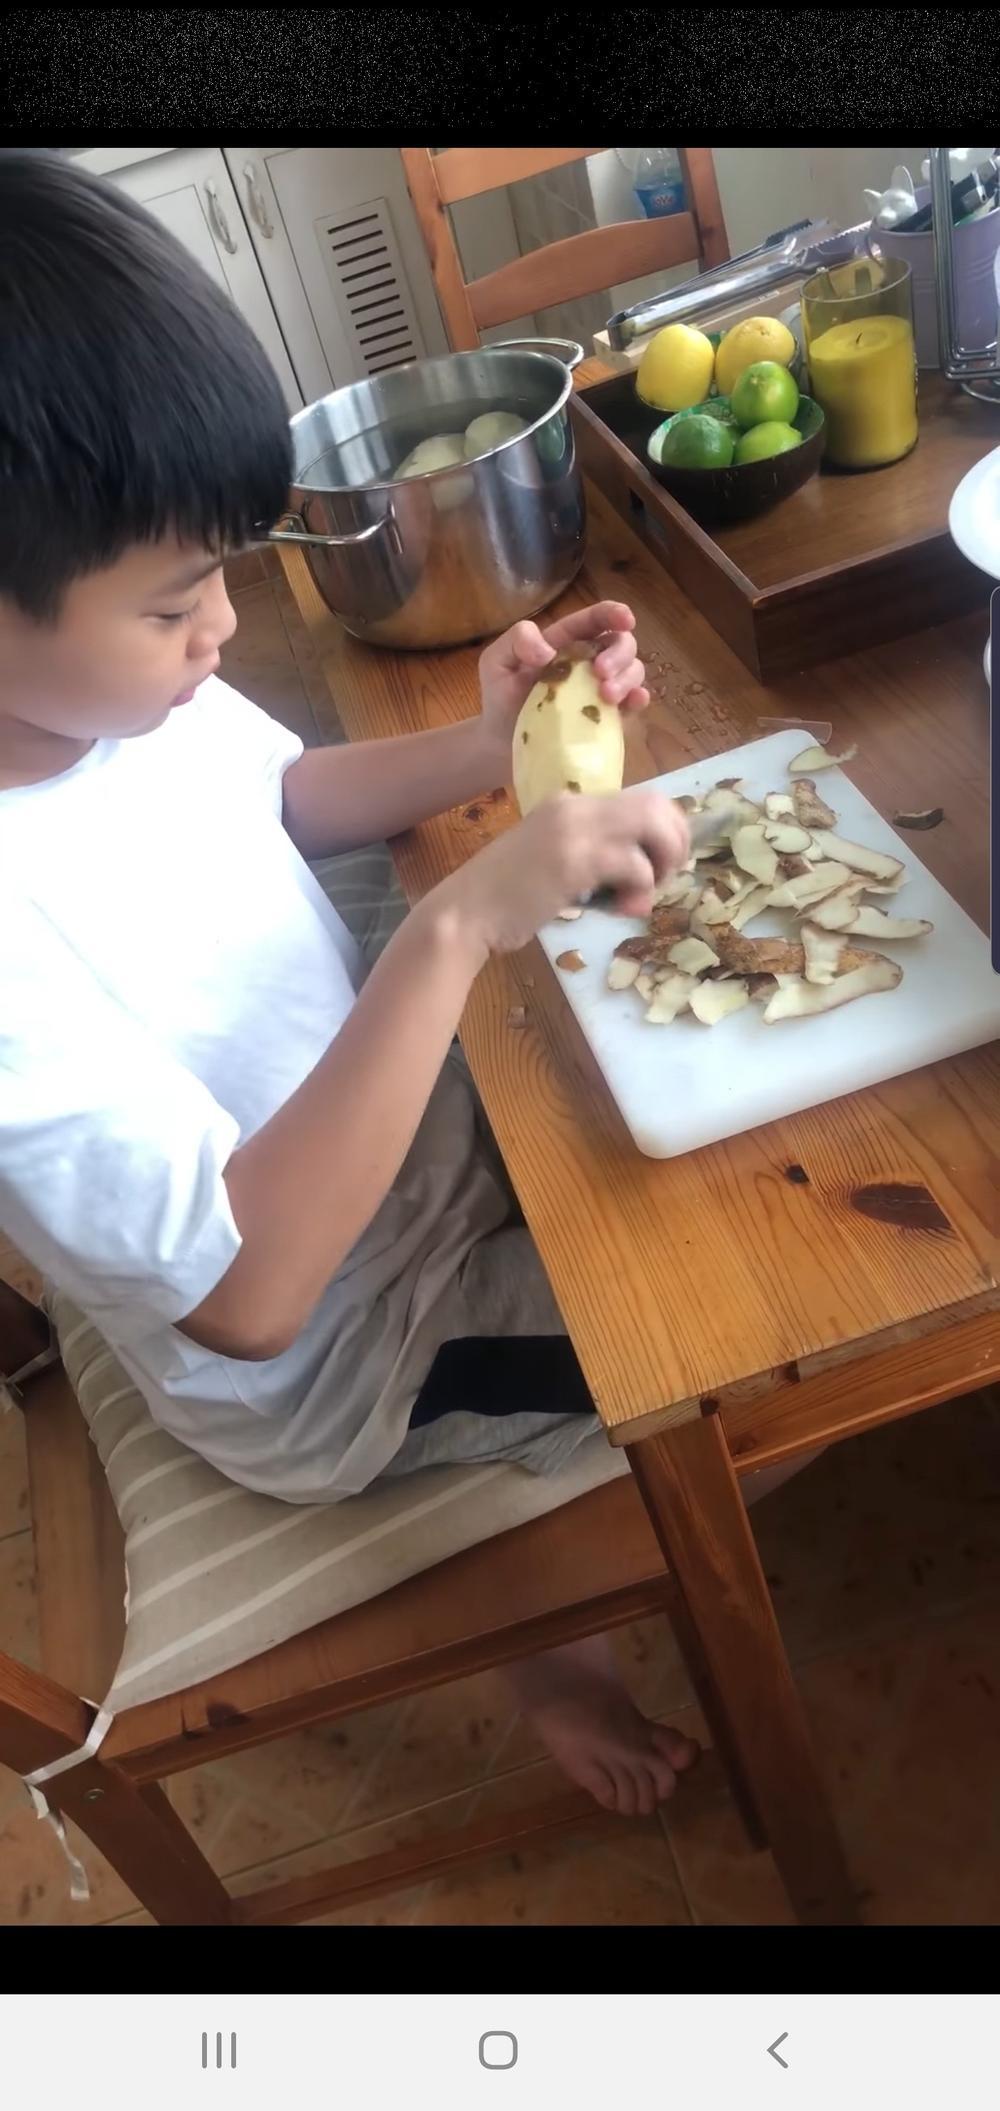 Bà ngoại Subeo không ngại cho cháu cầm dao, cùng nhau xuống bếp chuẩn bị đồ ăn cho Hà Hồ, Kim Lý Ảnh 3